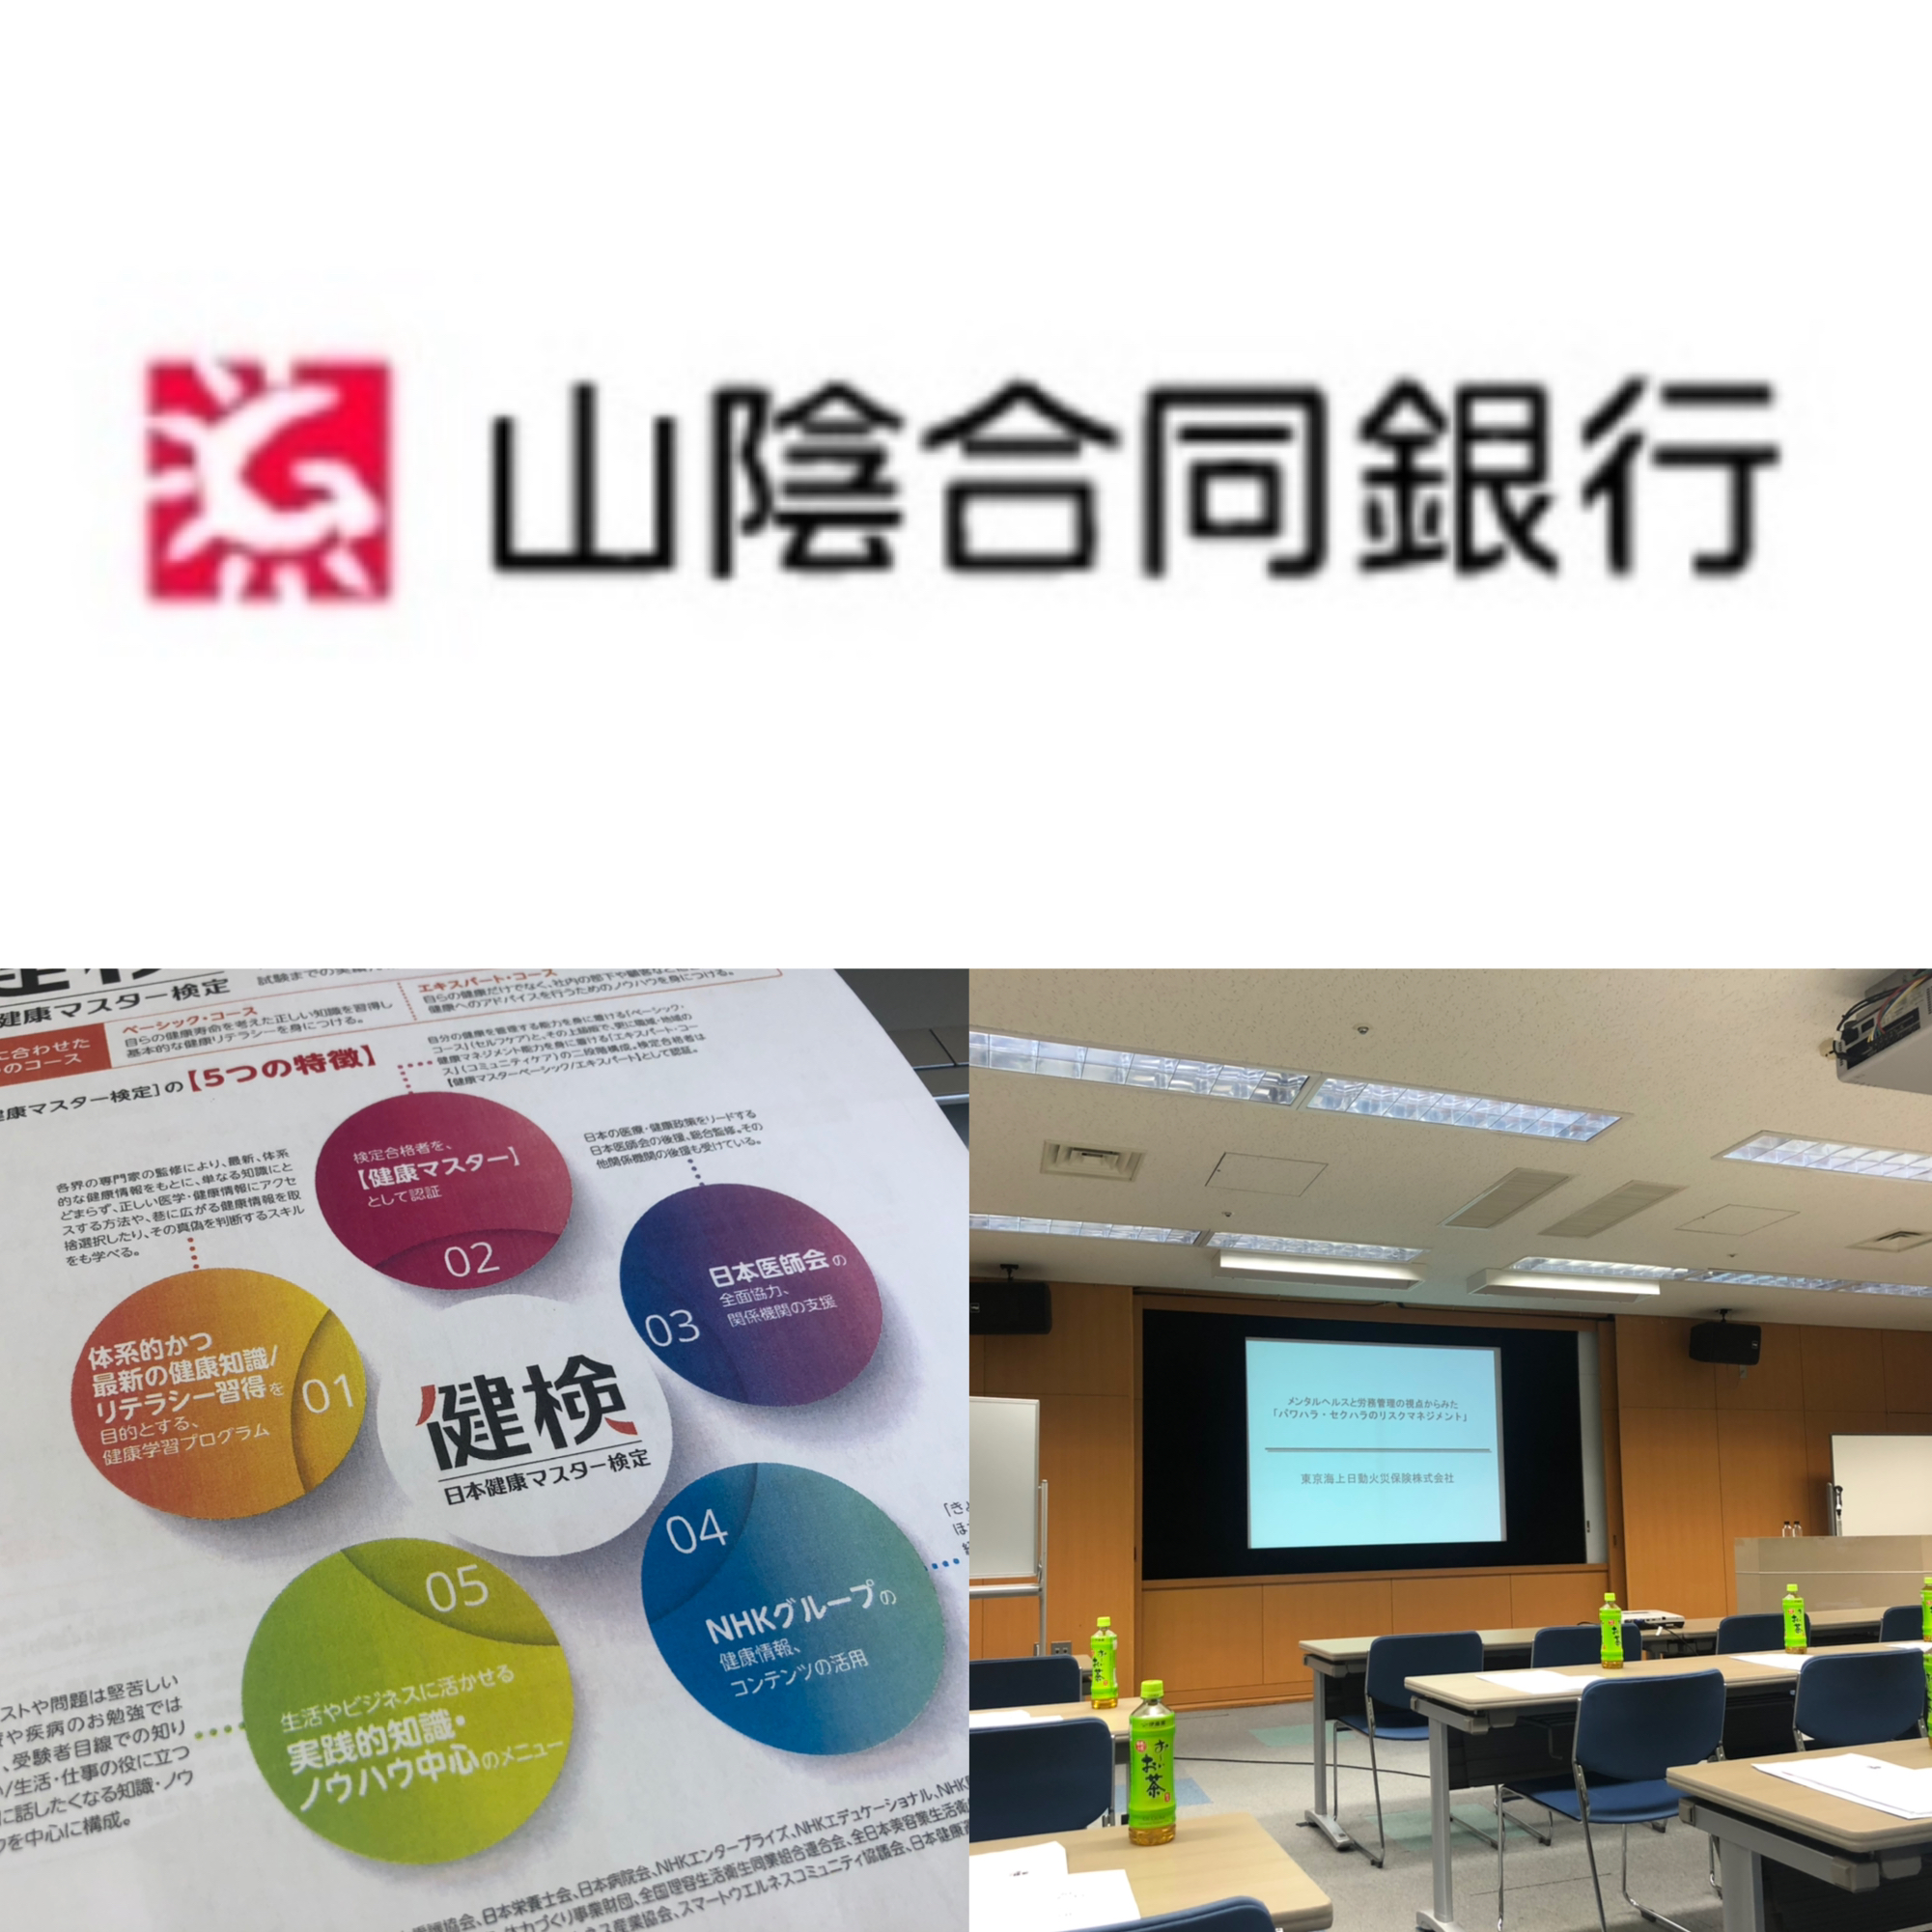 山陰合同銀行主催 メンタルヘルスと労務管理の視点からみた「パワハラ・セクハラのリスクマネジメント」 松江テルサ